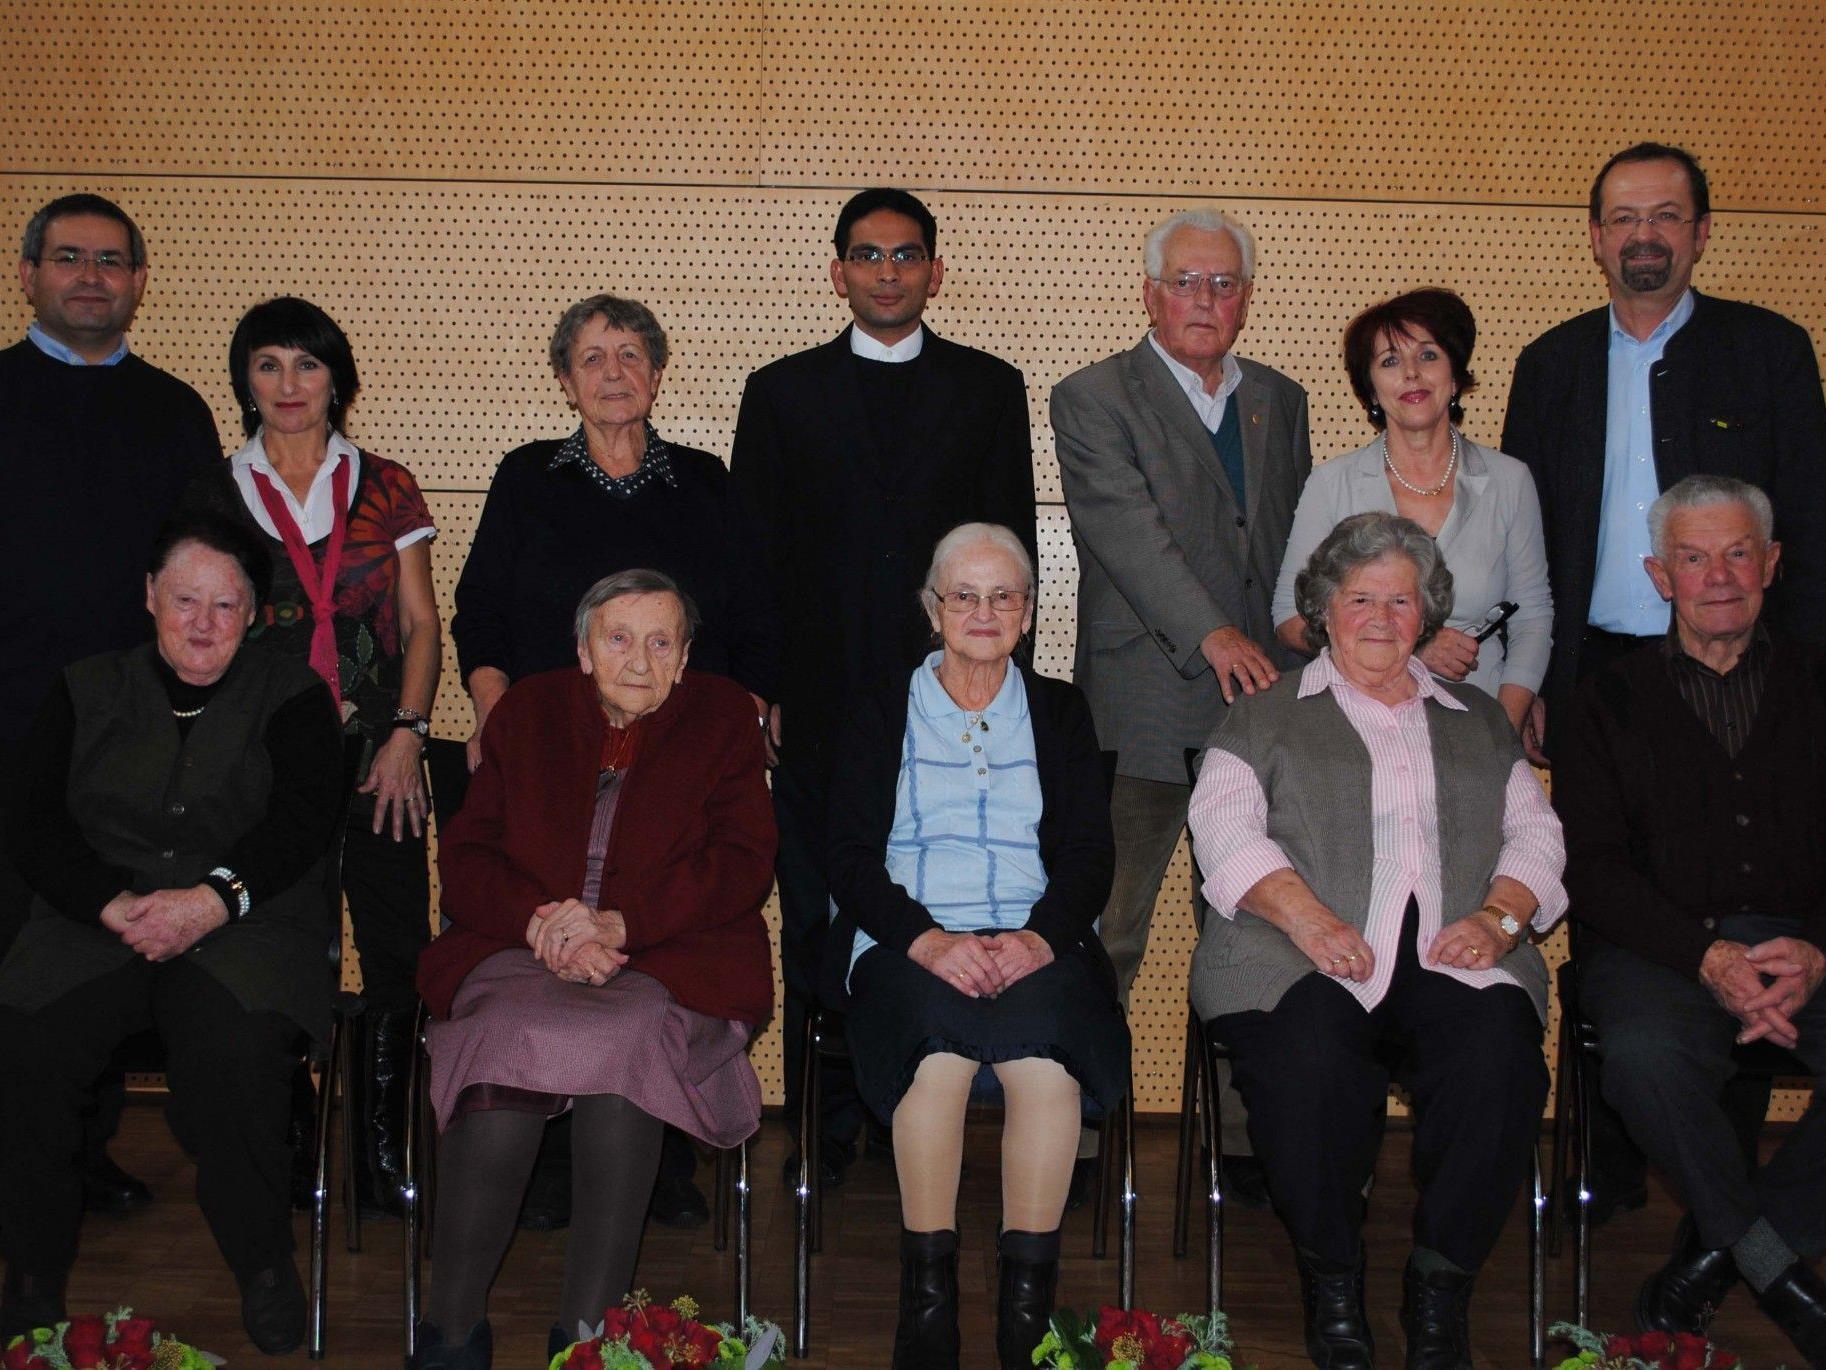 Ehrung der Über-80-Jährigen in Mäder.